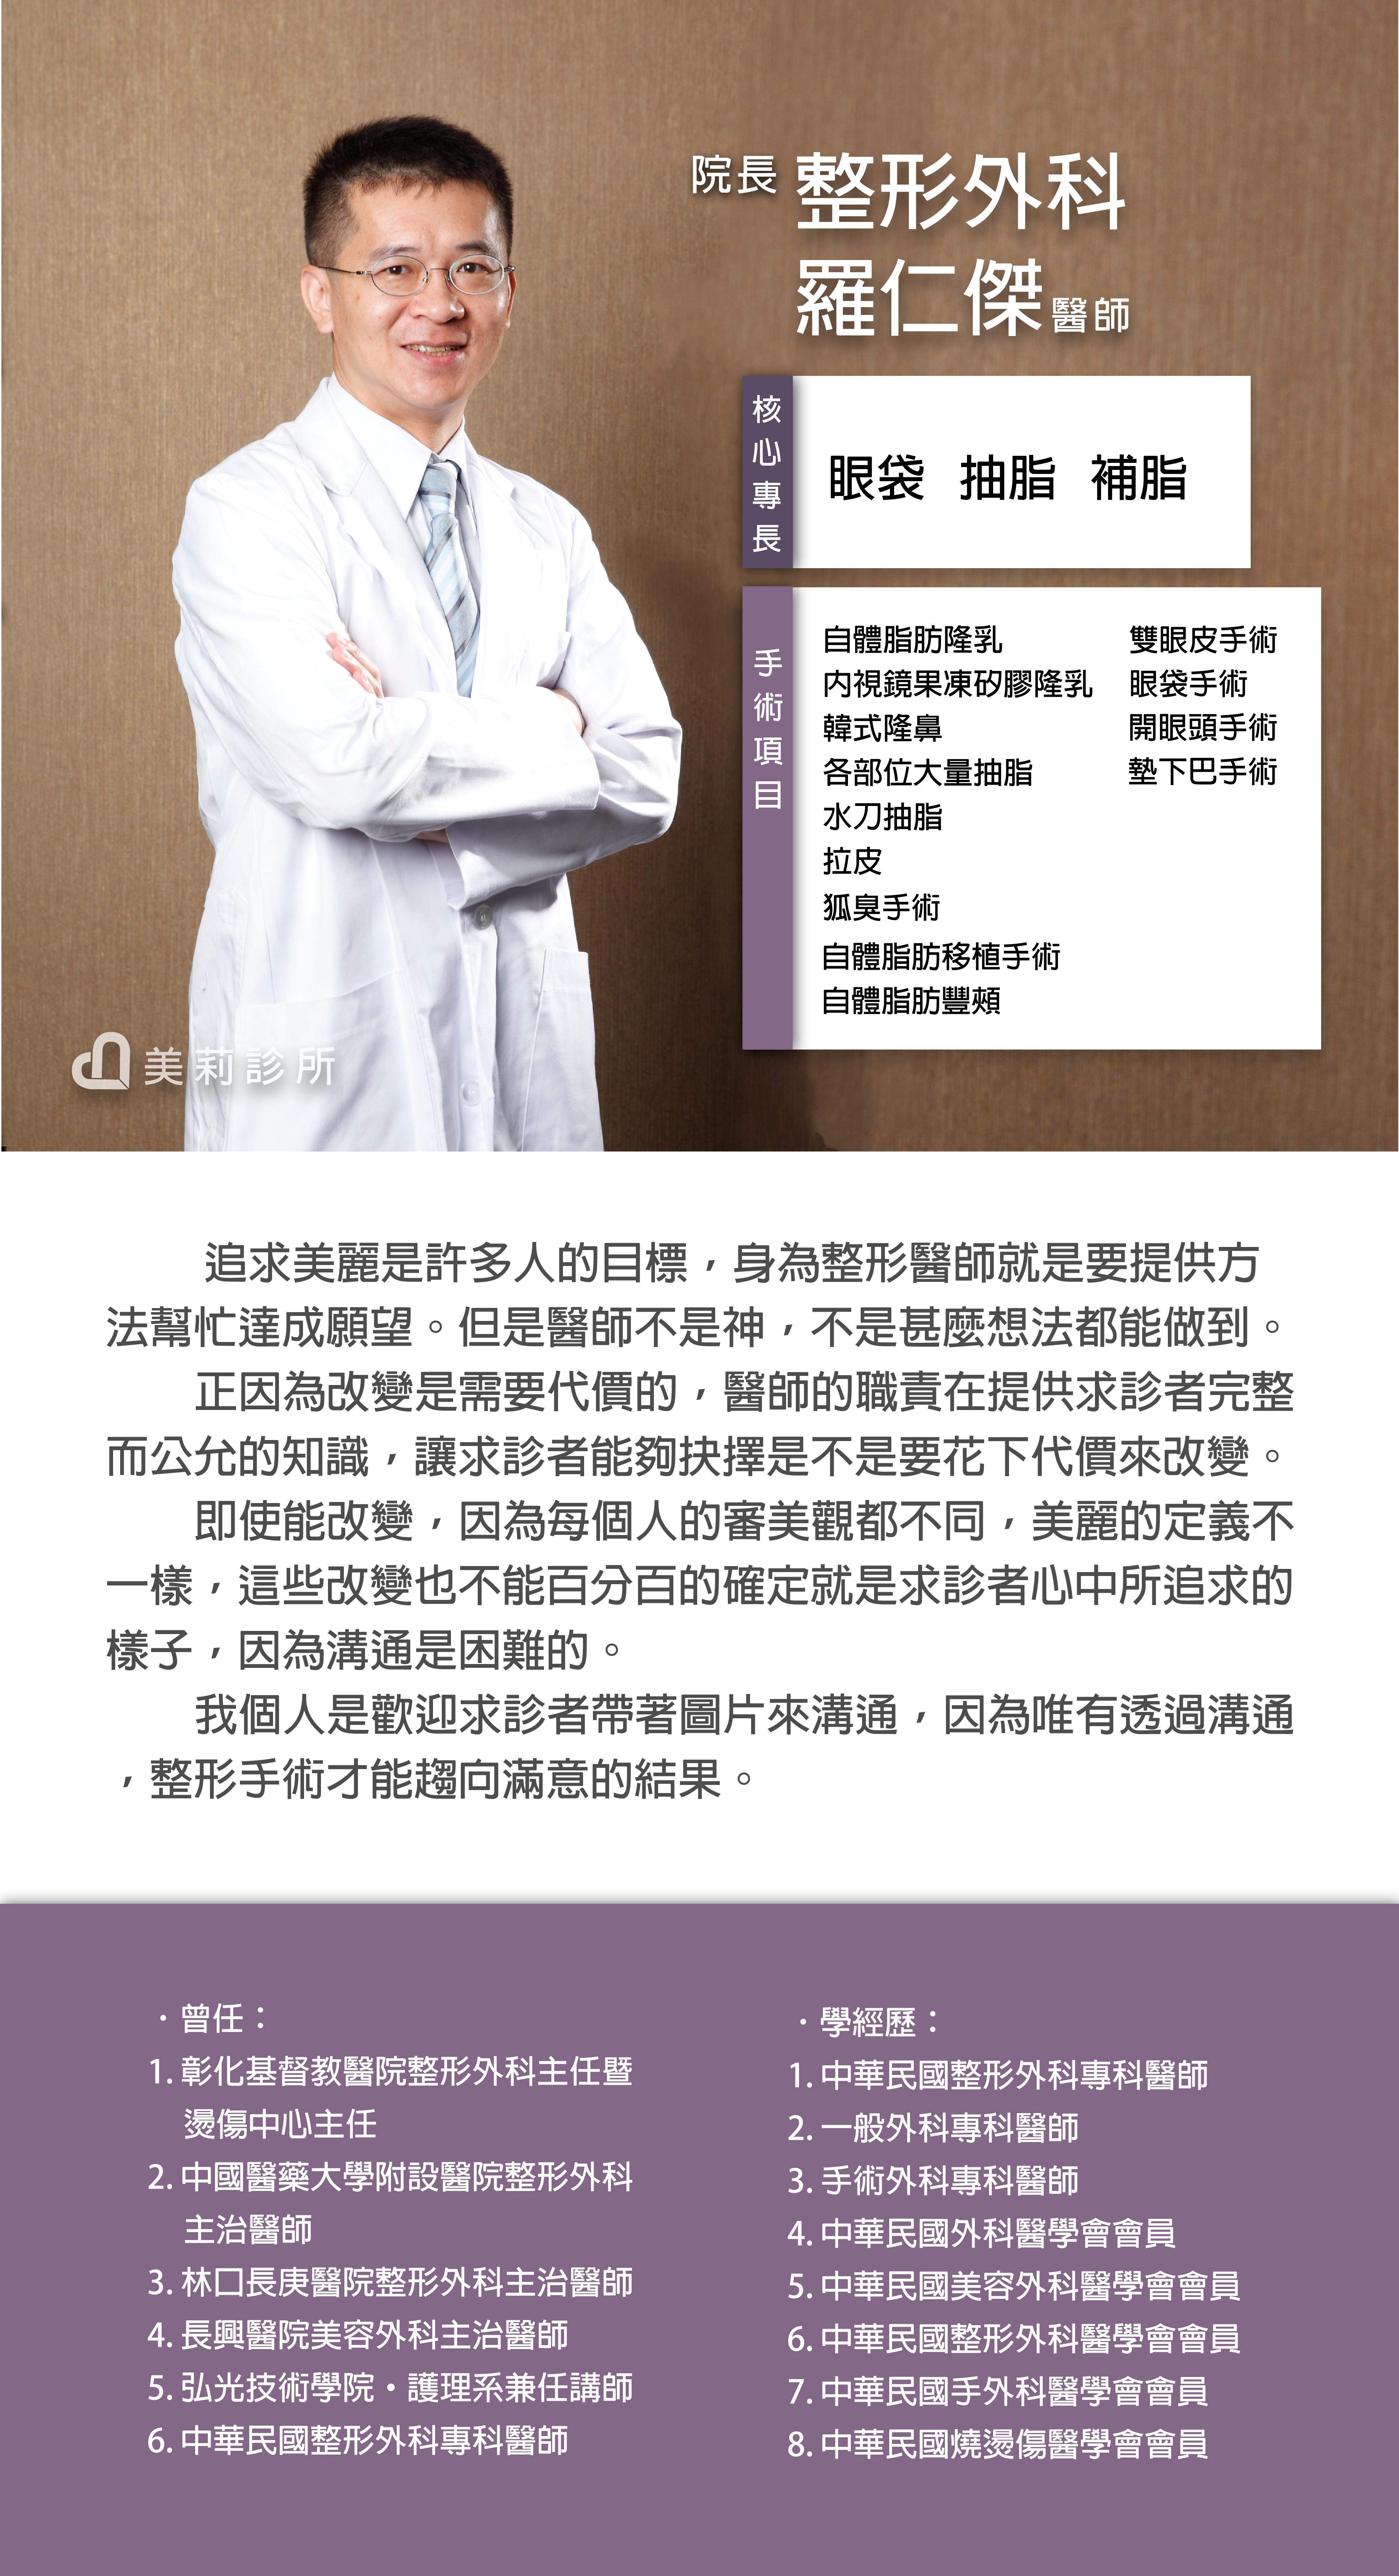 羅醫師-01.png